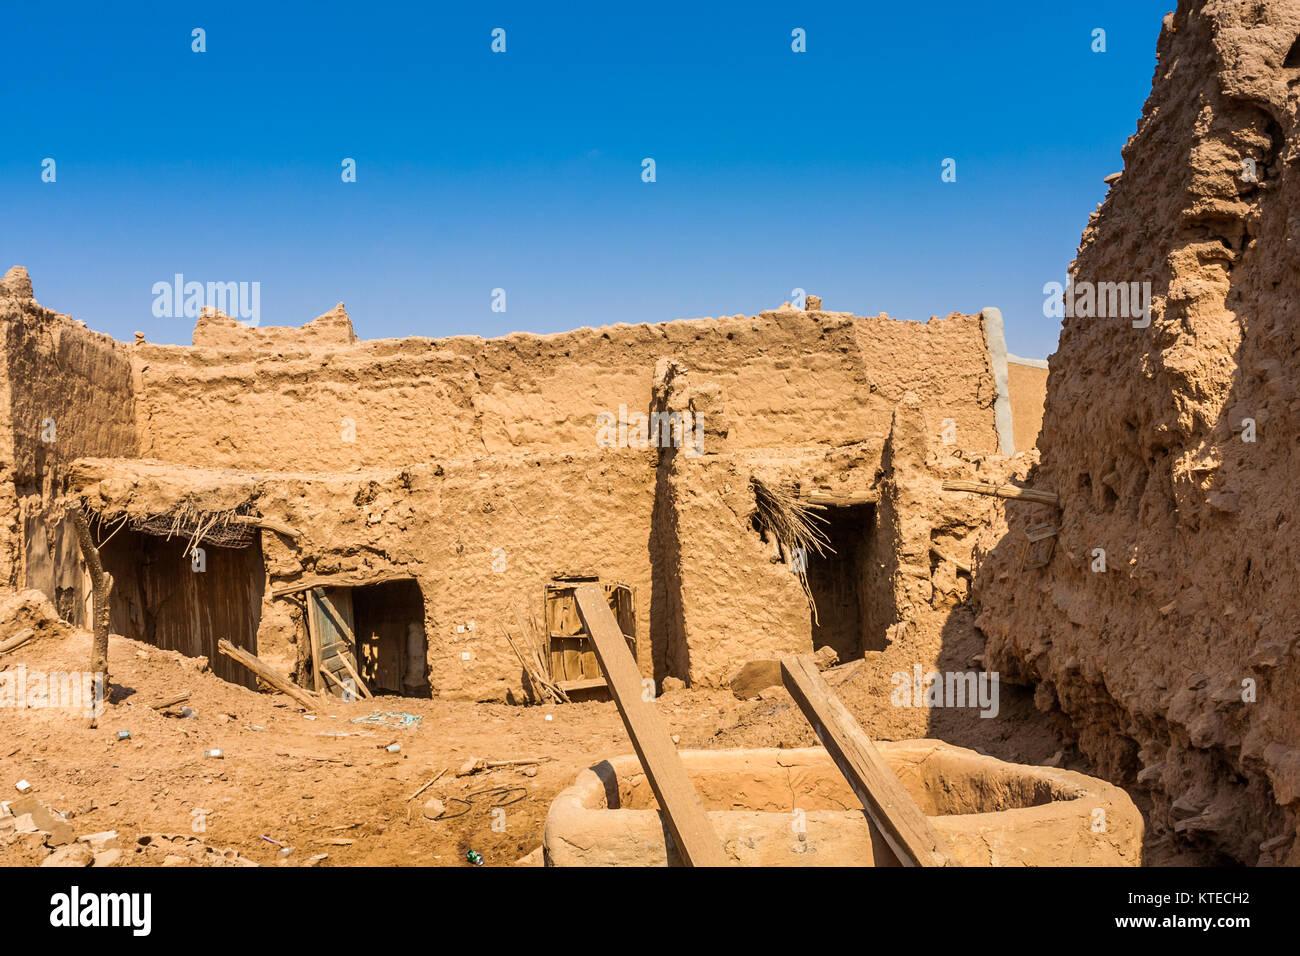 Case Di Mattoni Di Fango : Abbandonato il tradizionale araba di mattoni di fango case al